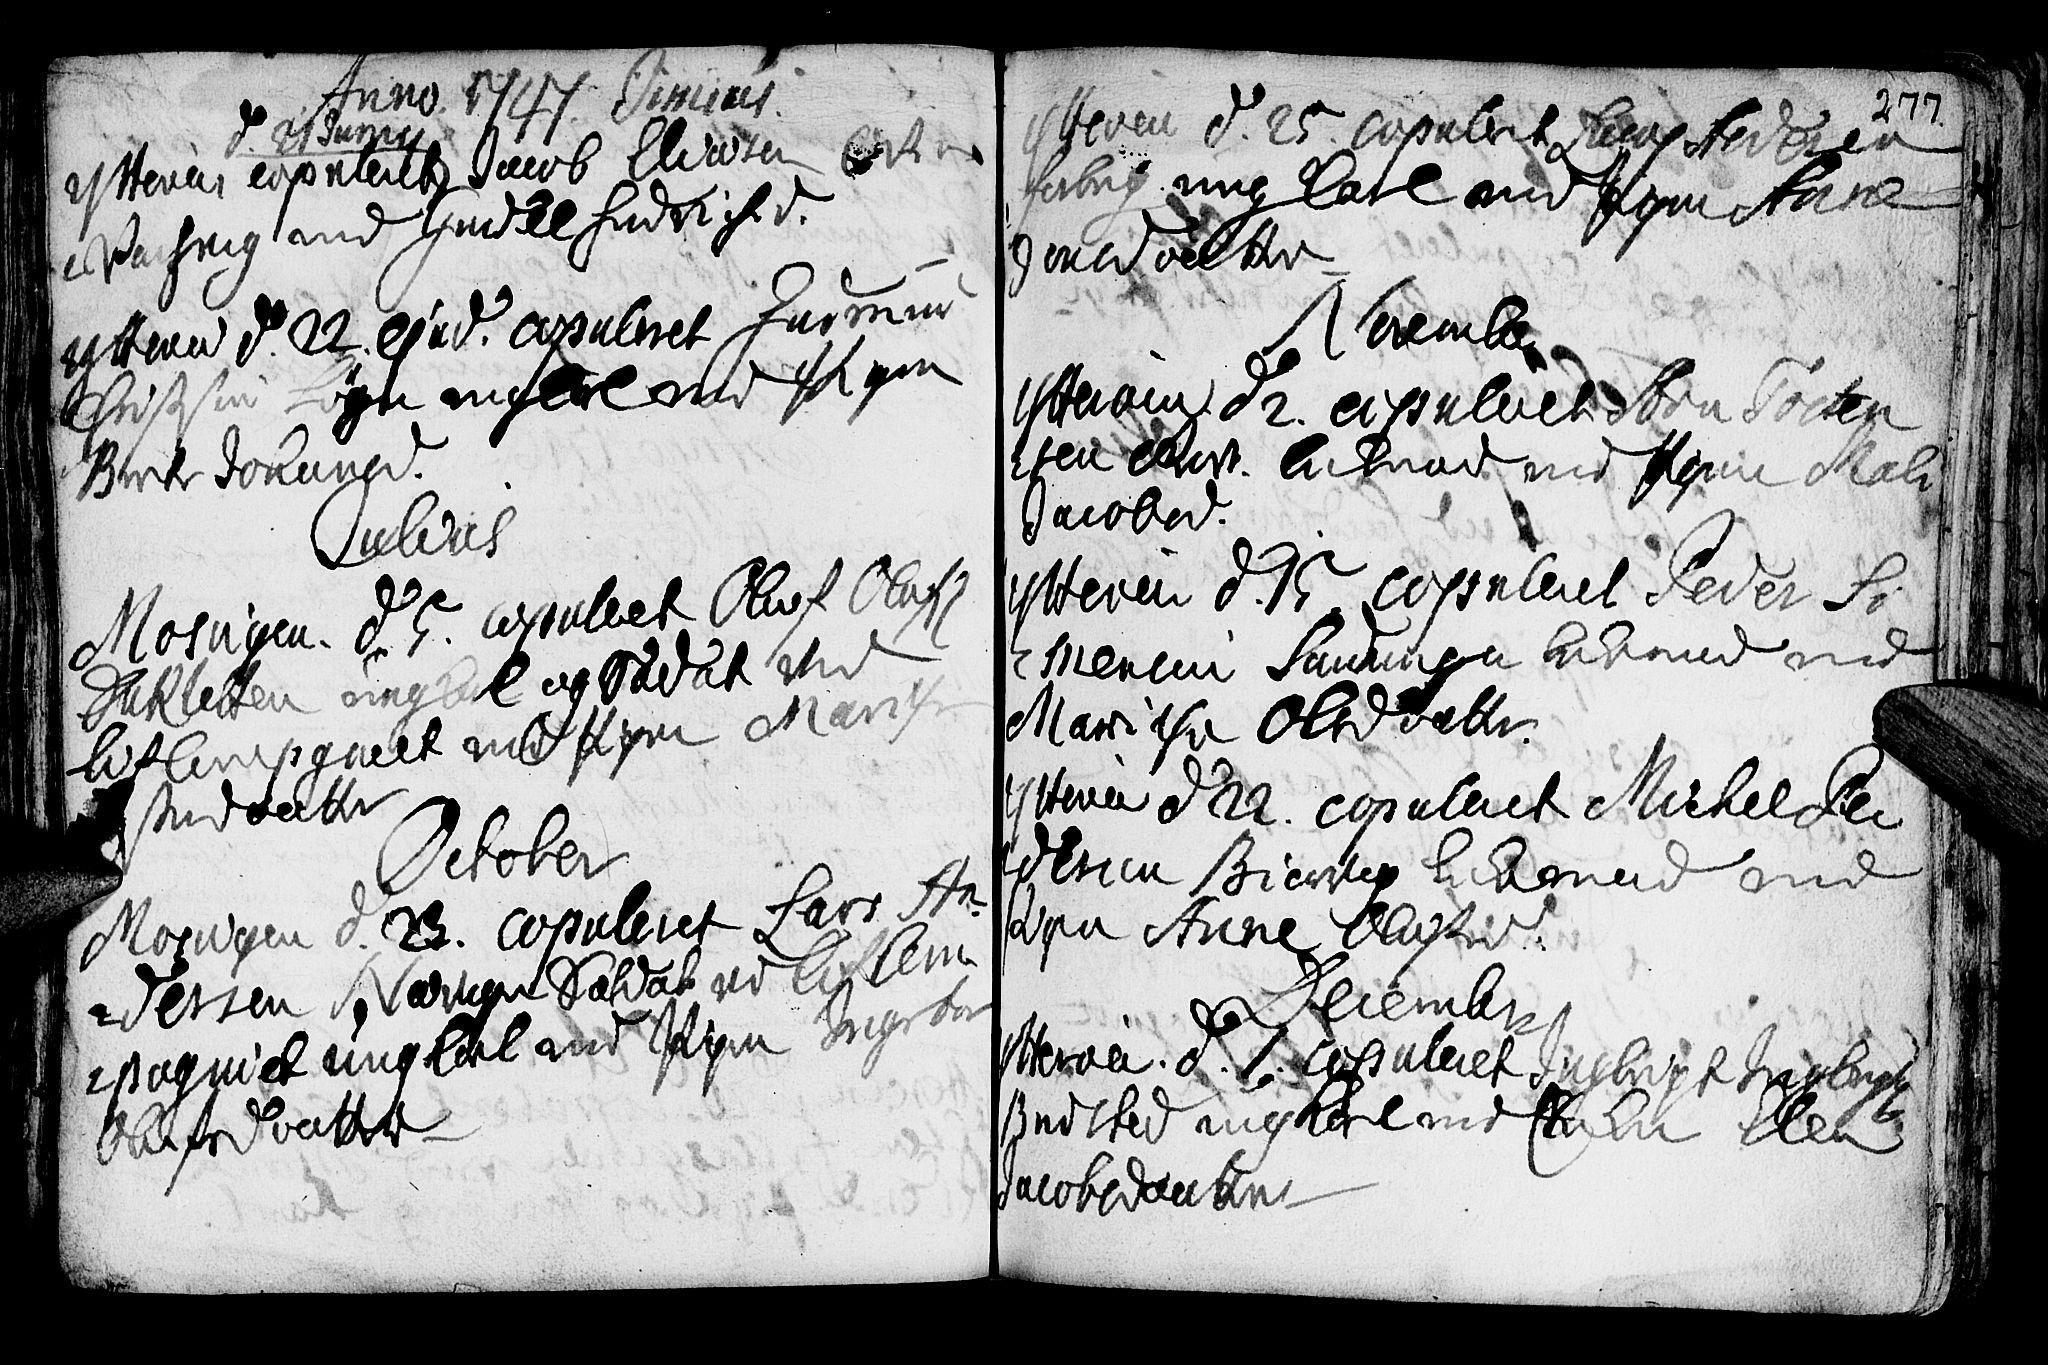 SAT, Ministerialprotokoller, klokkerbøker og fødselsregistre - Nord-Trøndelag, 722/L0215: Ministerialbok nr. 722A02, 1718-1755, s. 277